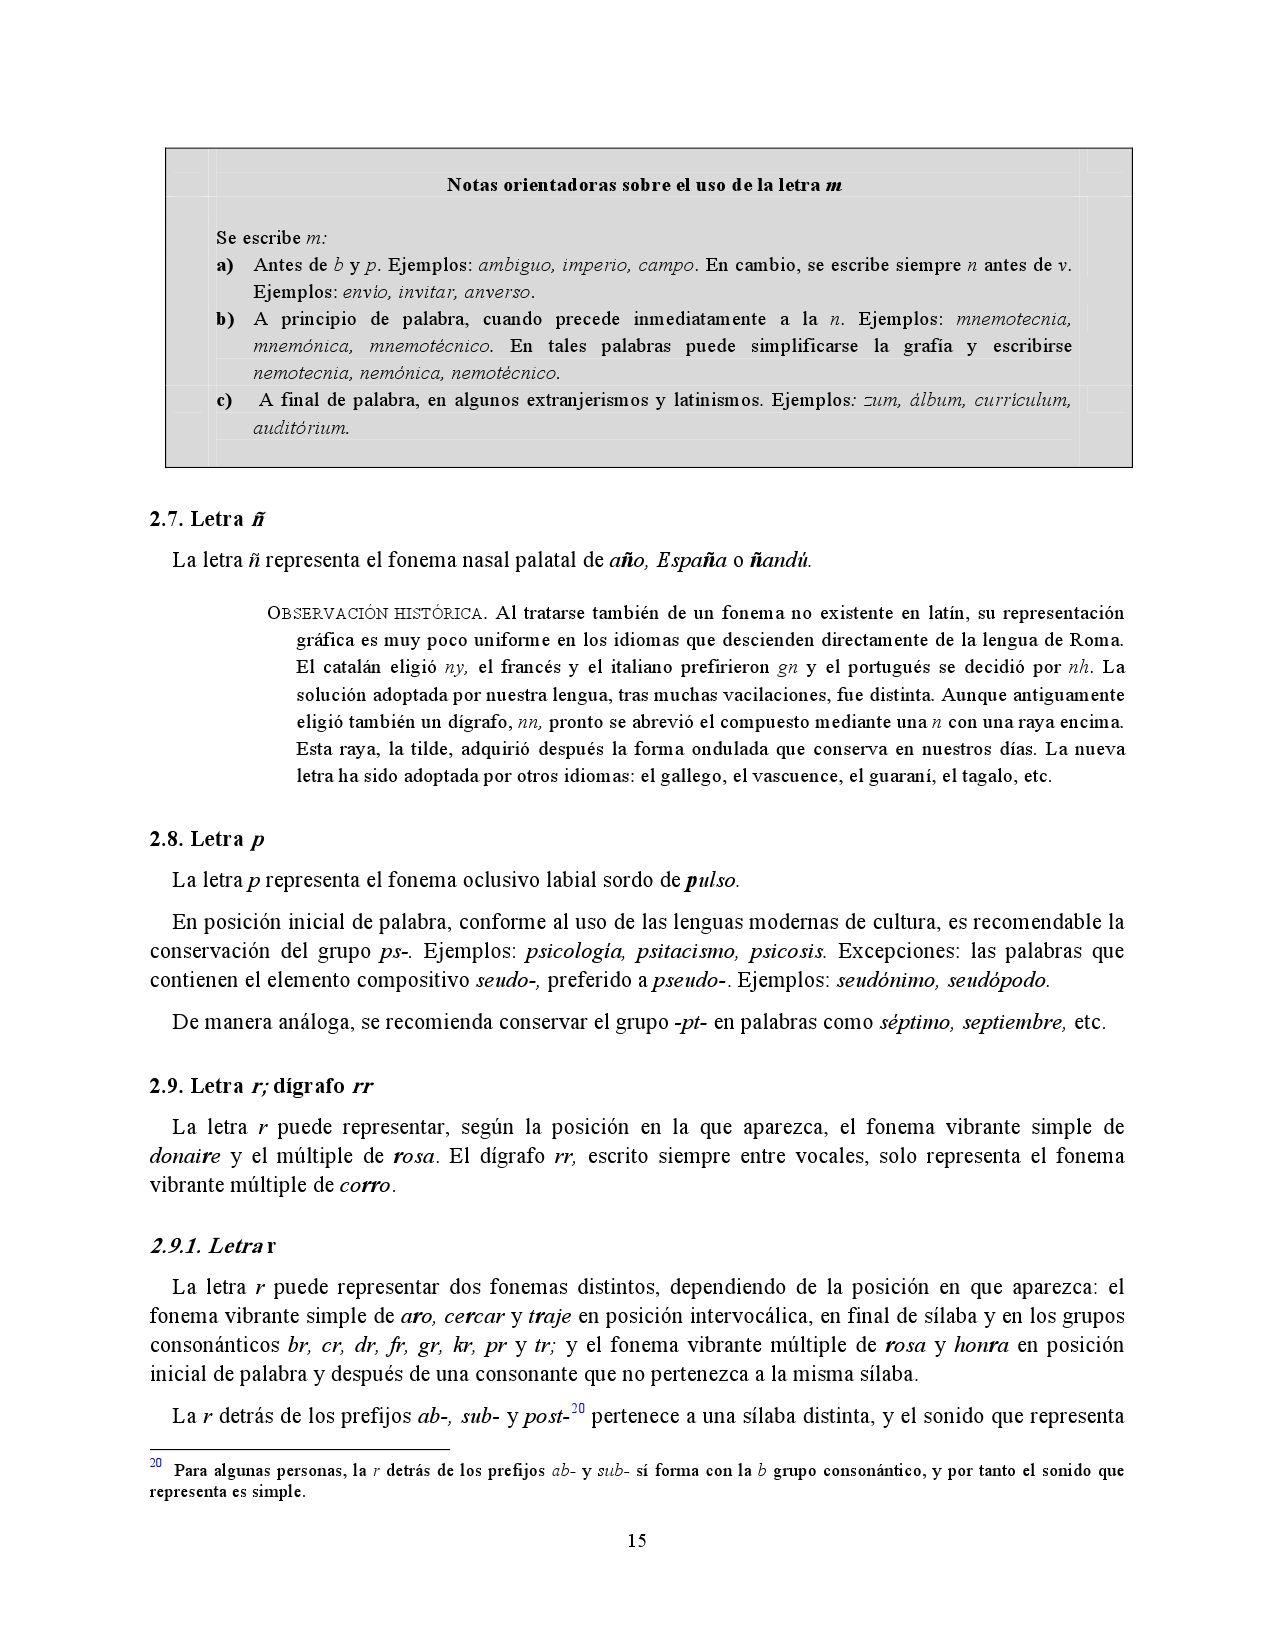 Manual De Redacción Rae By Carlos Terrones Issuu